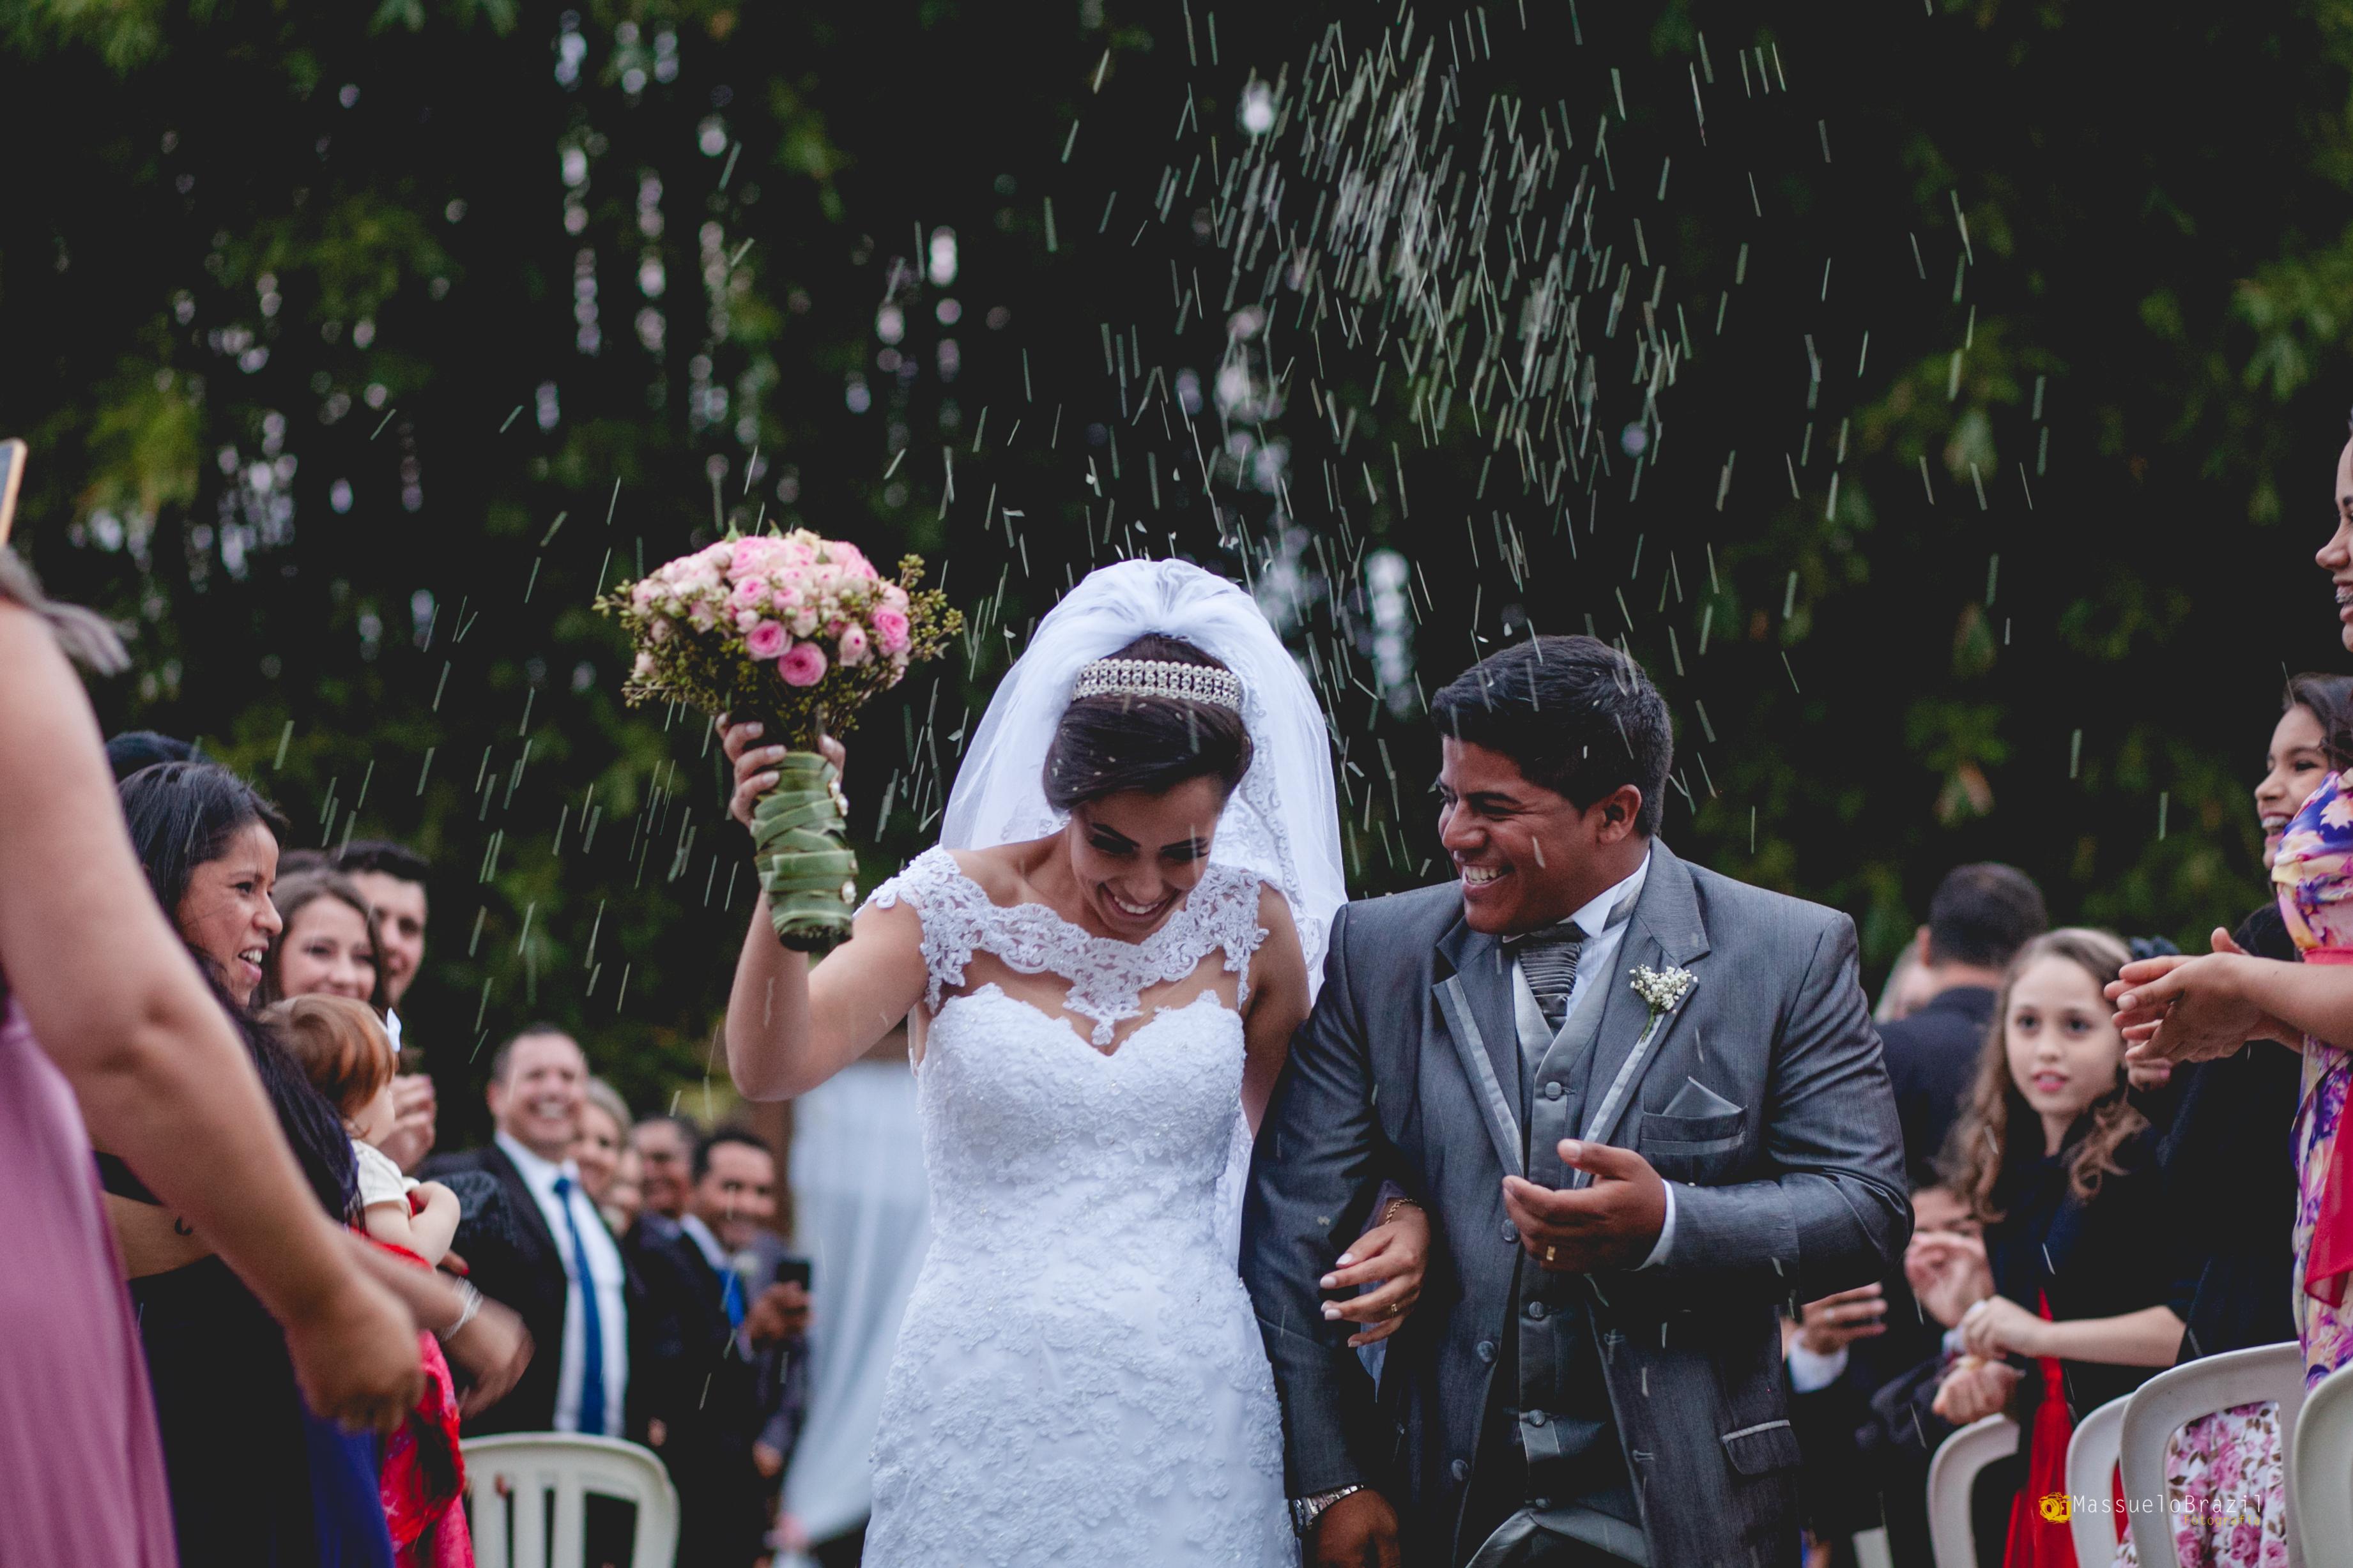 Contate Massuelo Brazil - Fotografia e Filmes de Casamento